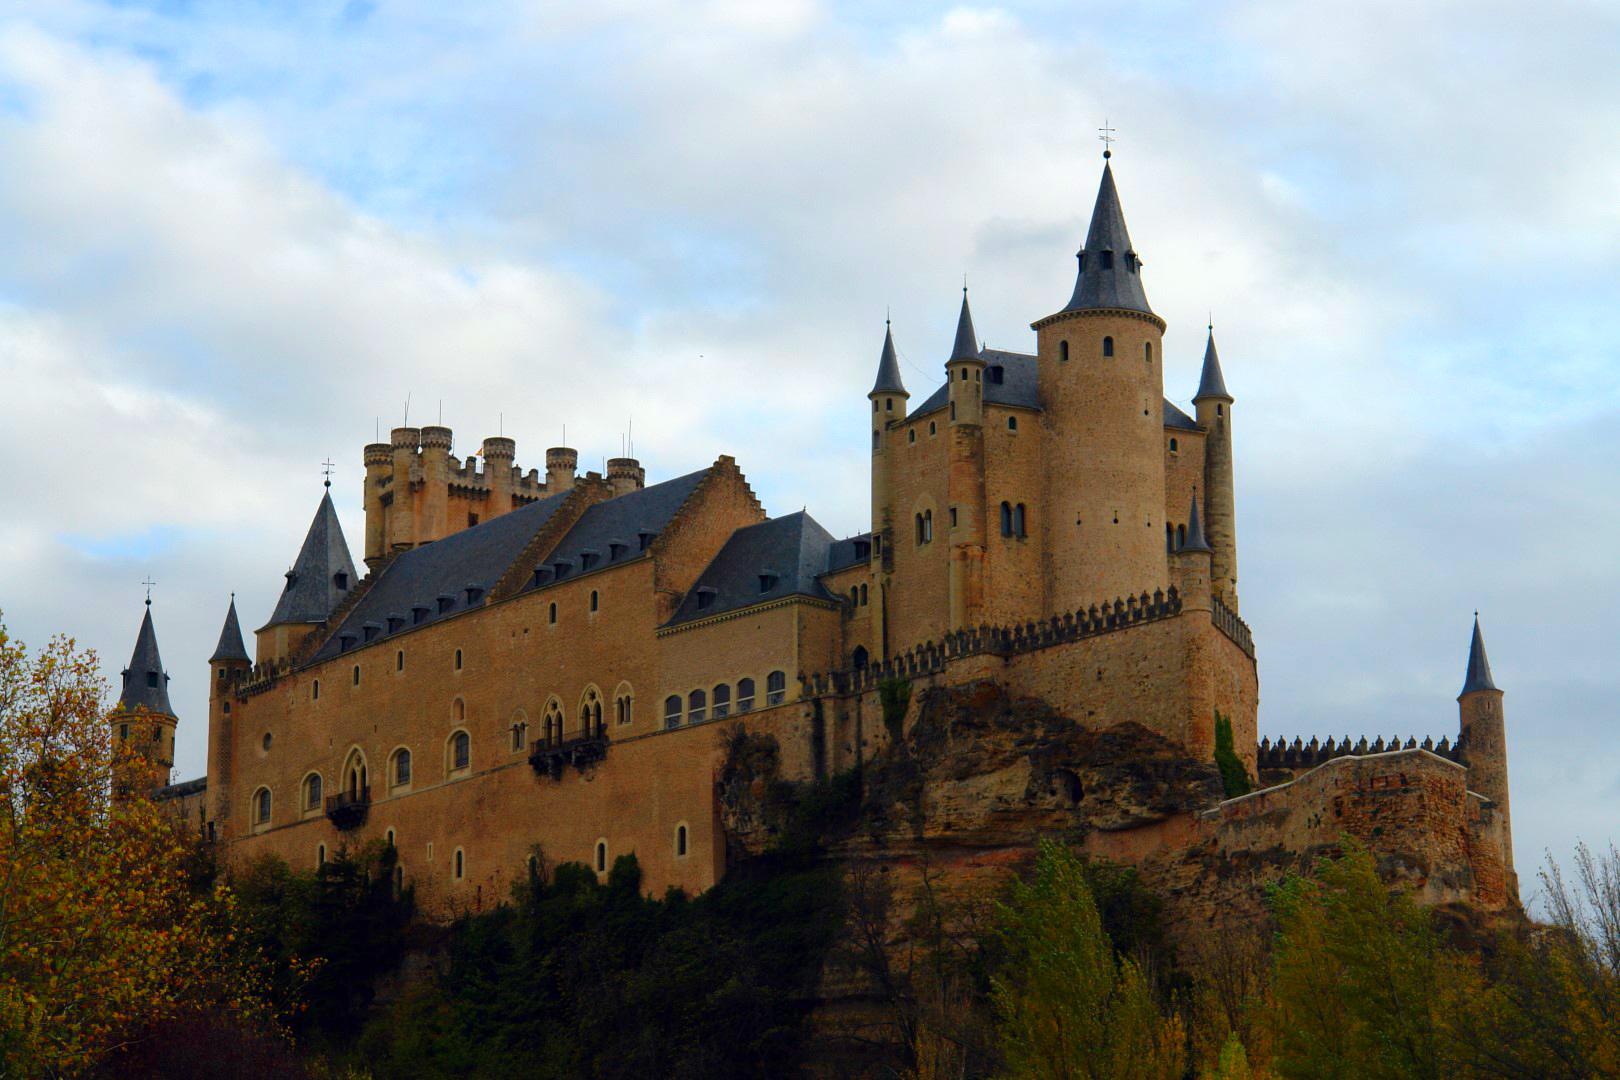 qué ver Segovia, España qué ver en segovia - 31097715835 bf42edef0d o - Qué ver en Segovia, España